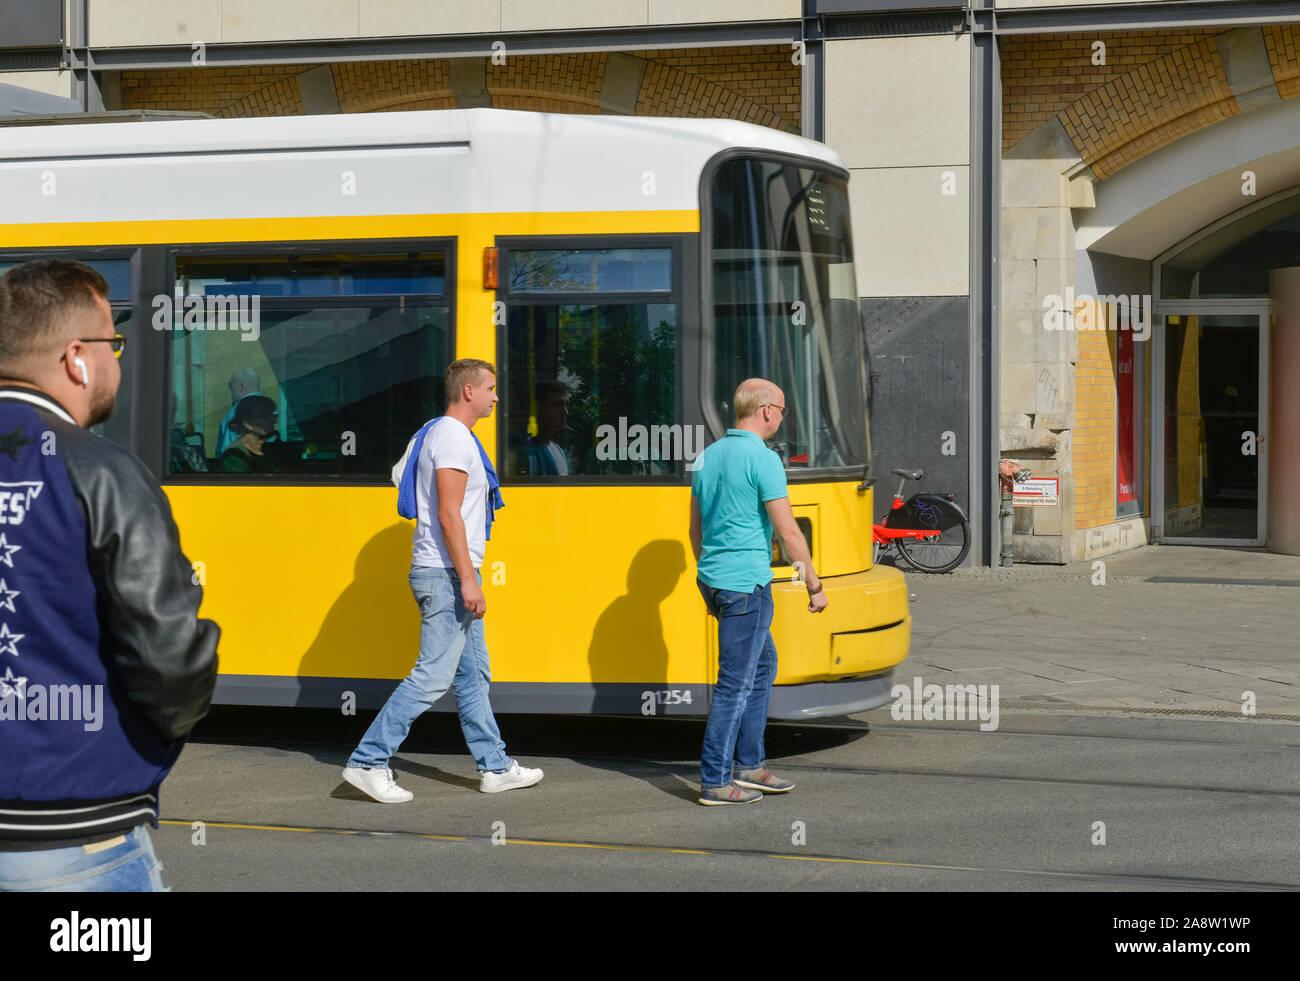 Tram, Alexanderplatz, Mitte, Berlin, Deutschland Stock Photo